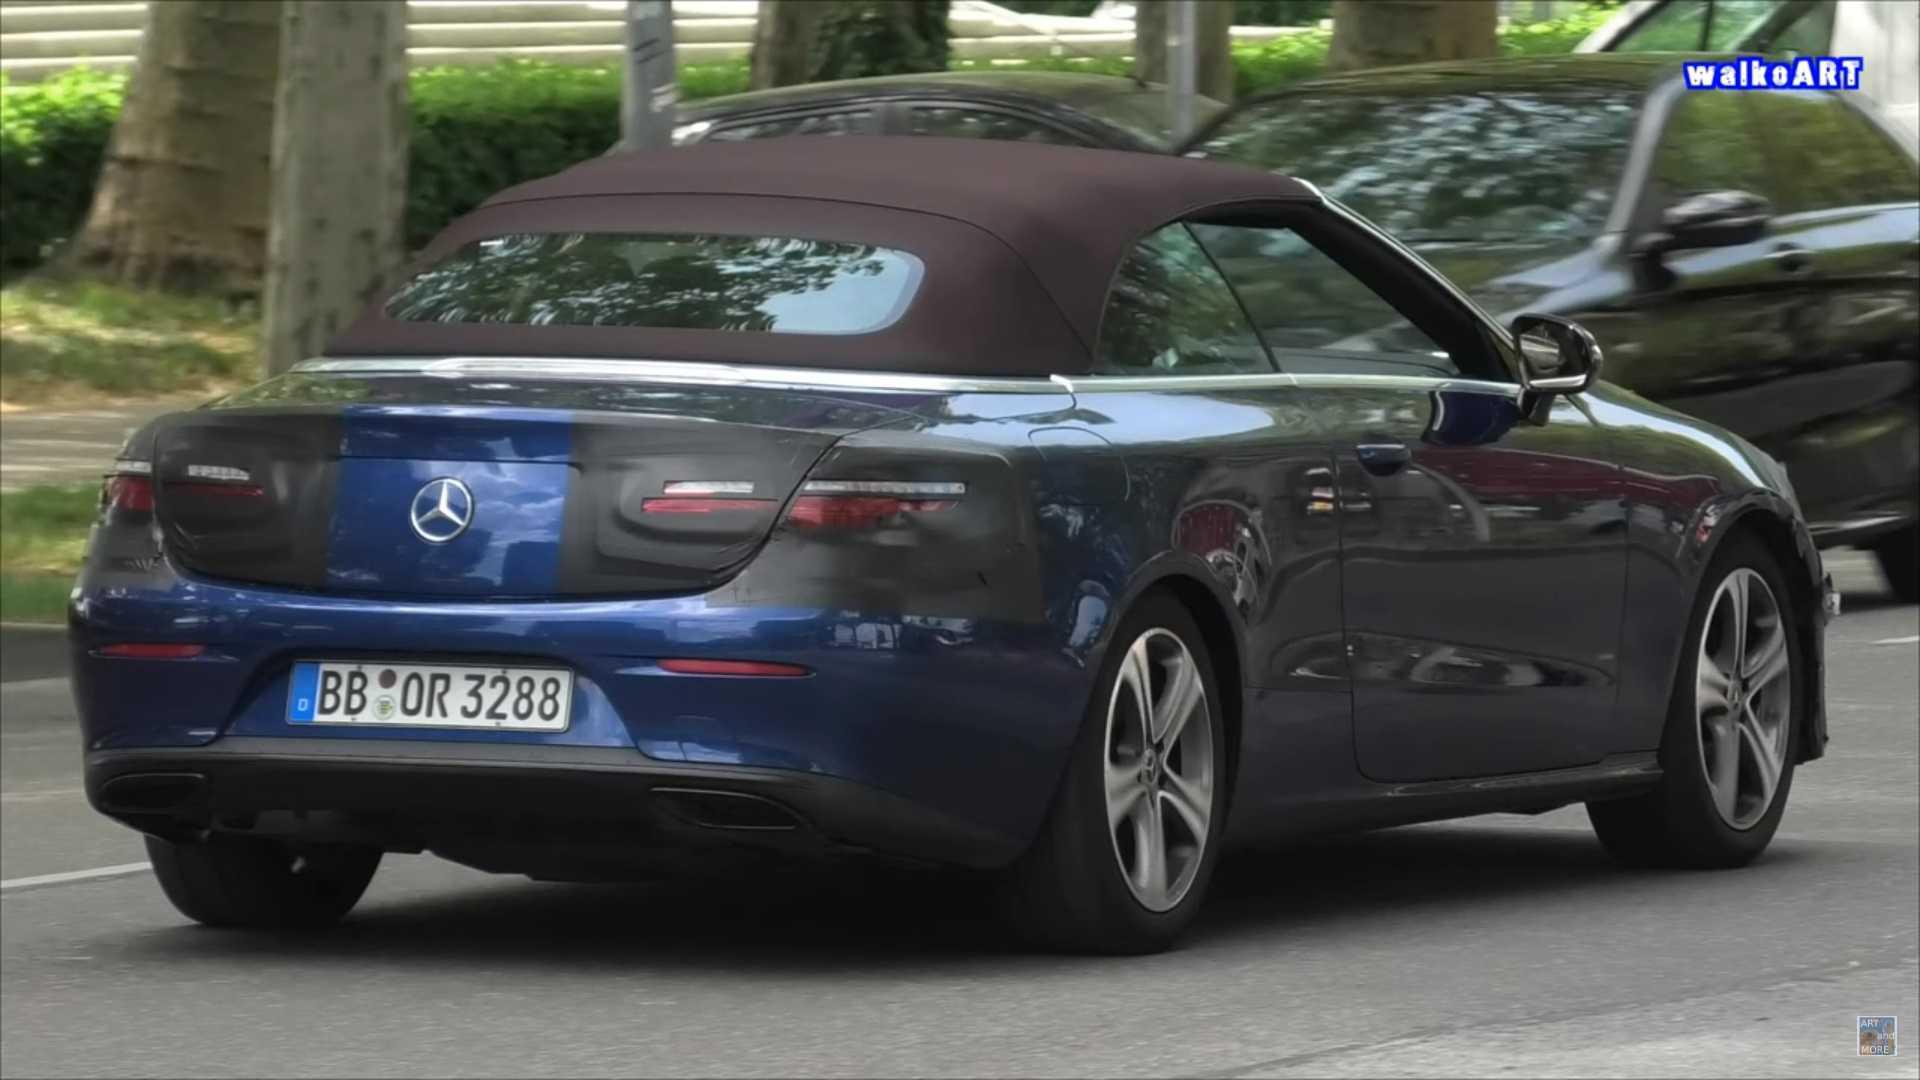 Mercedes-Benz E-Class mui trần lần đầu lộ diện trên đường phố-3